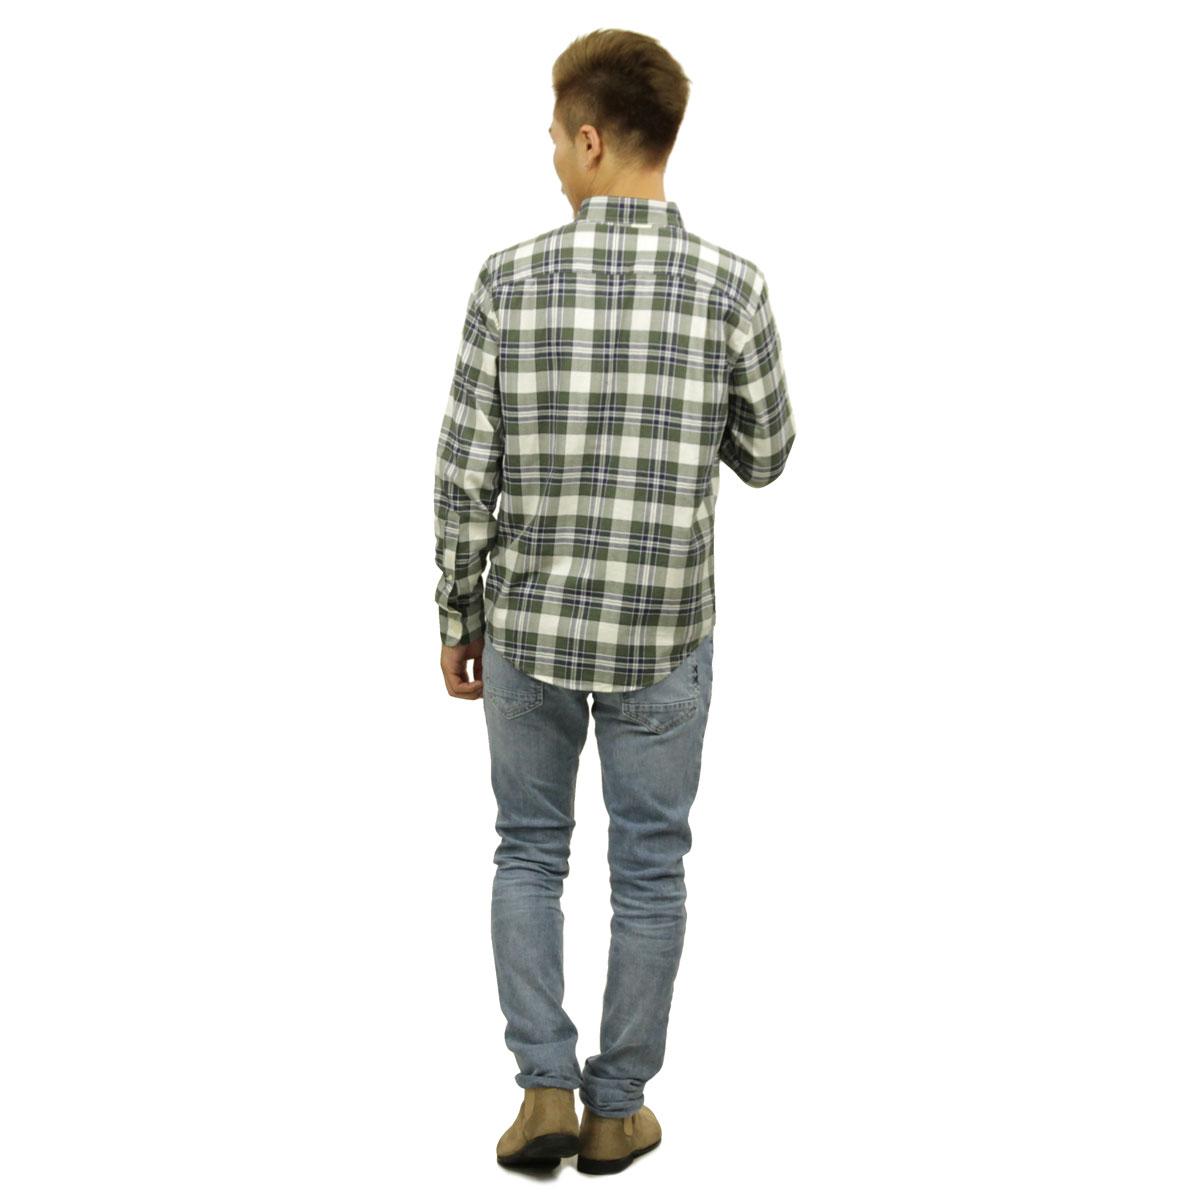 アバクロ Abercrombie&Fitch 正規品 メンズ 長袖シャツ Plaid Herringbone Button-Up Shirt 125-168-2373-308